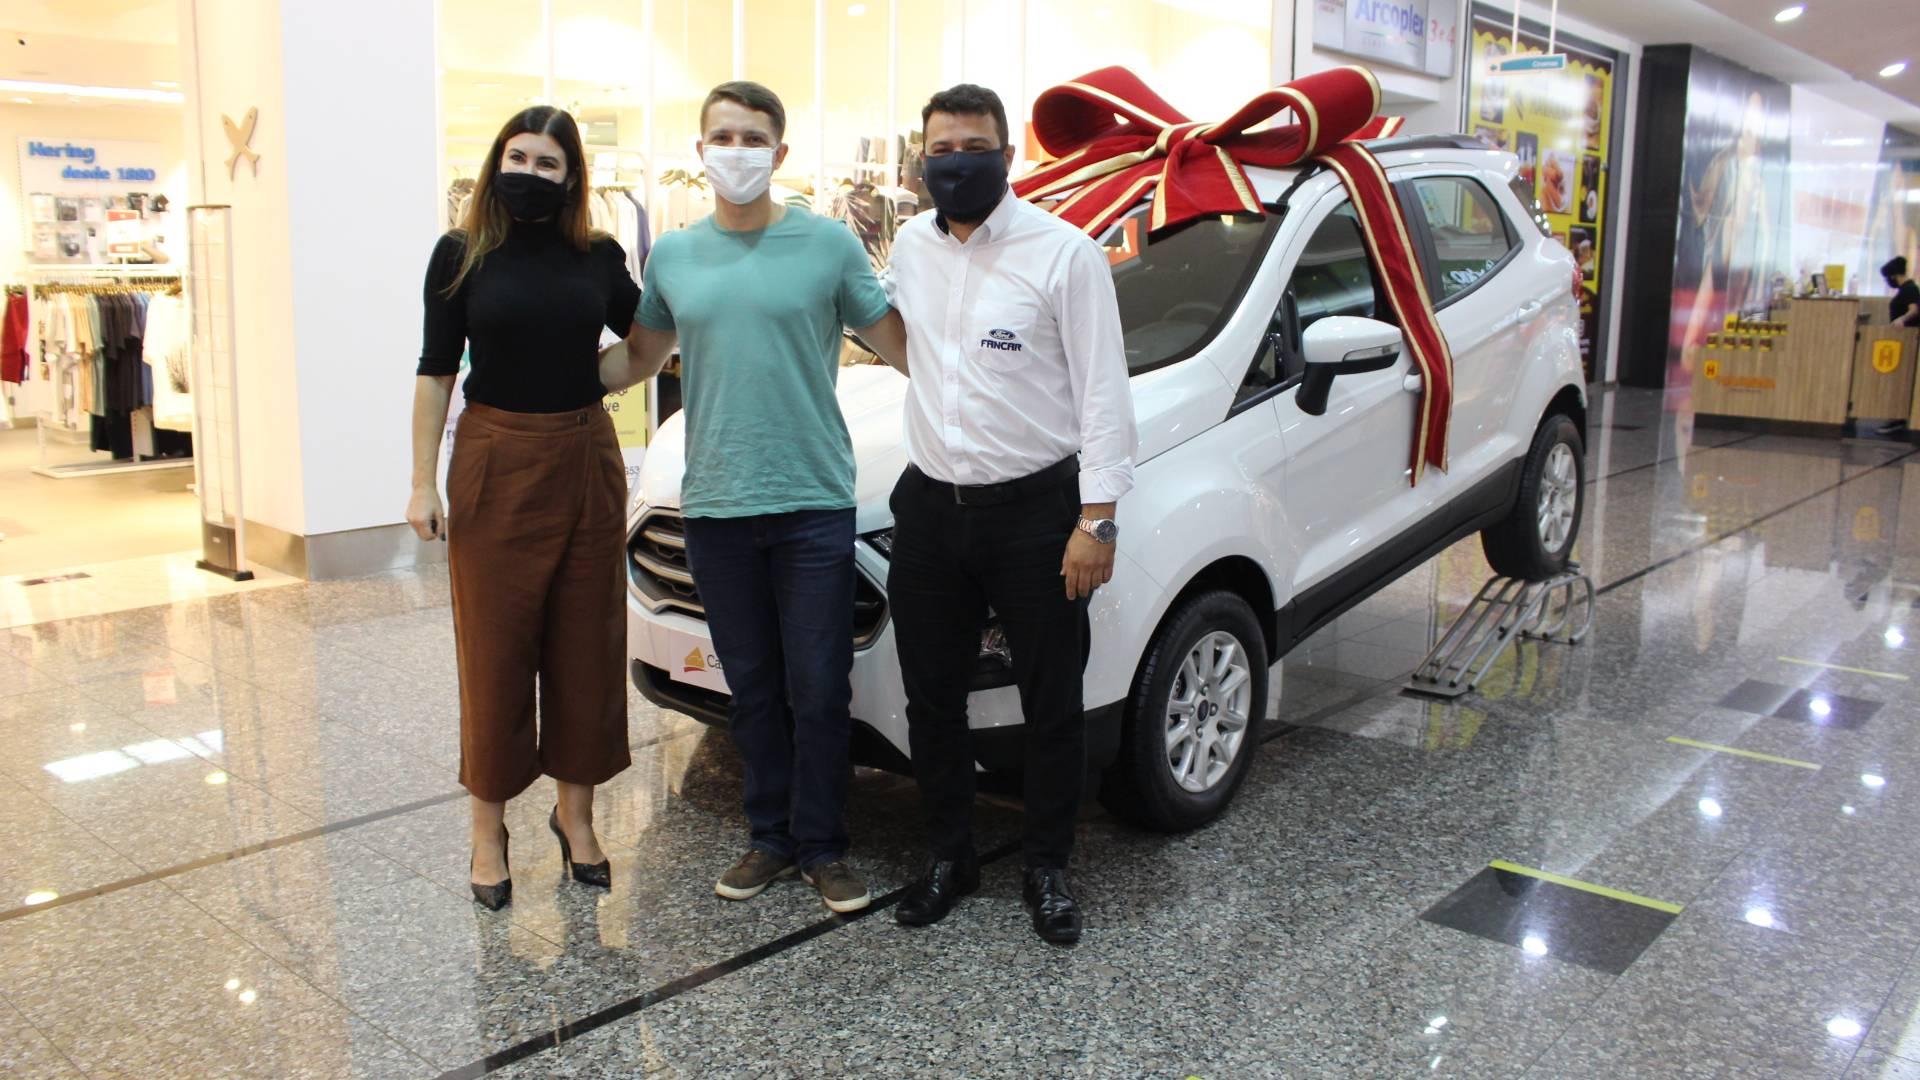 Ganhador do Eco Sport 0 km sorteado pelo Cascavel JL Shopping estava há 1 ano sem carro